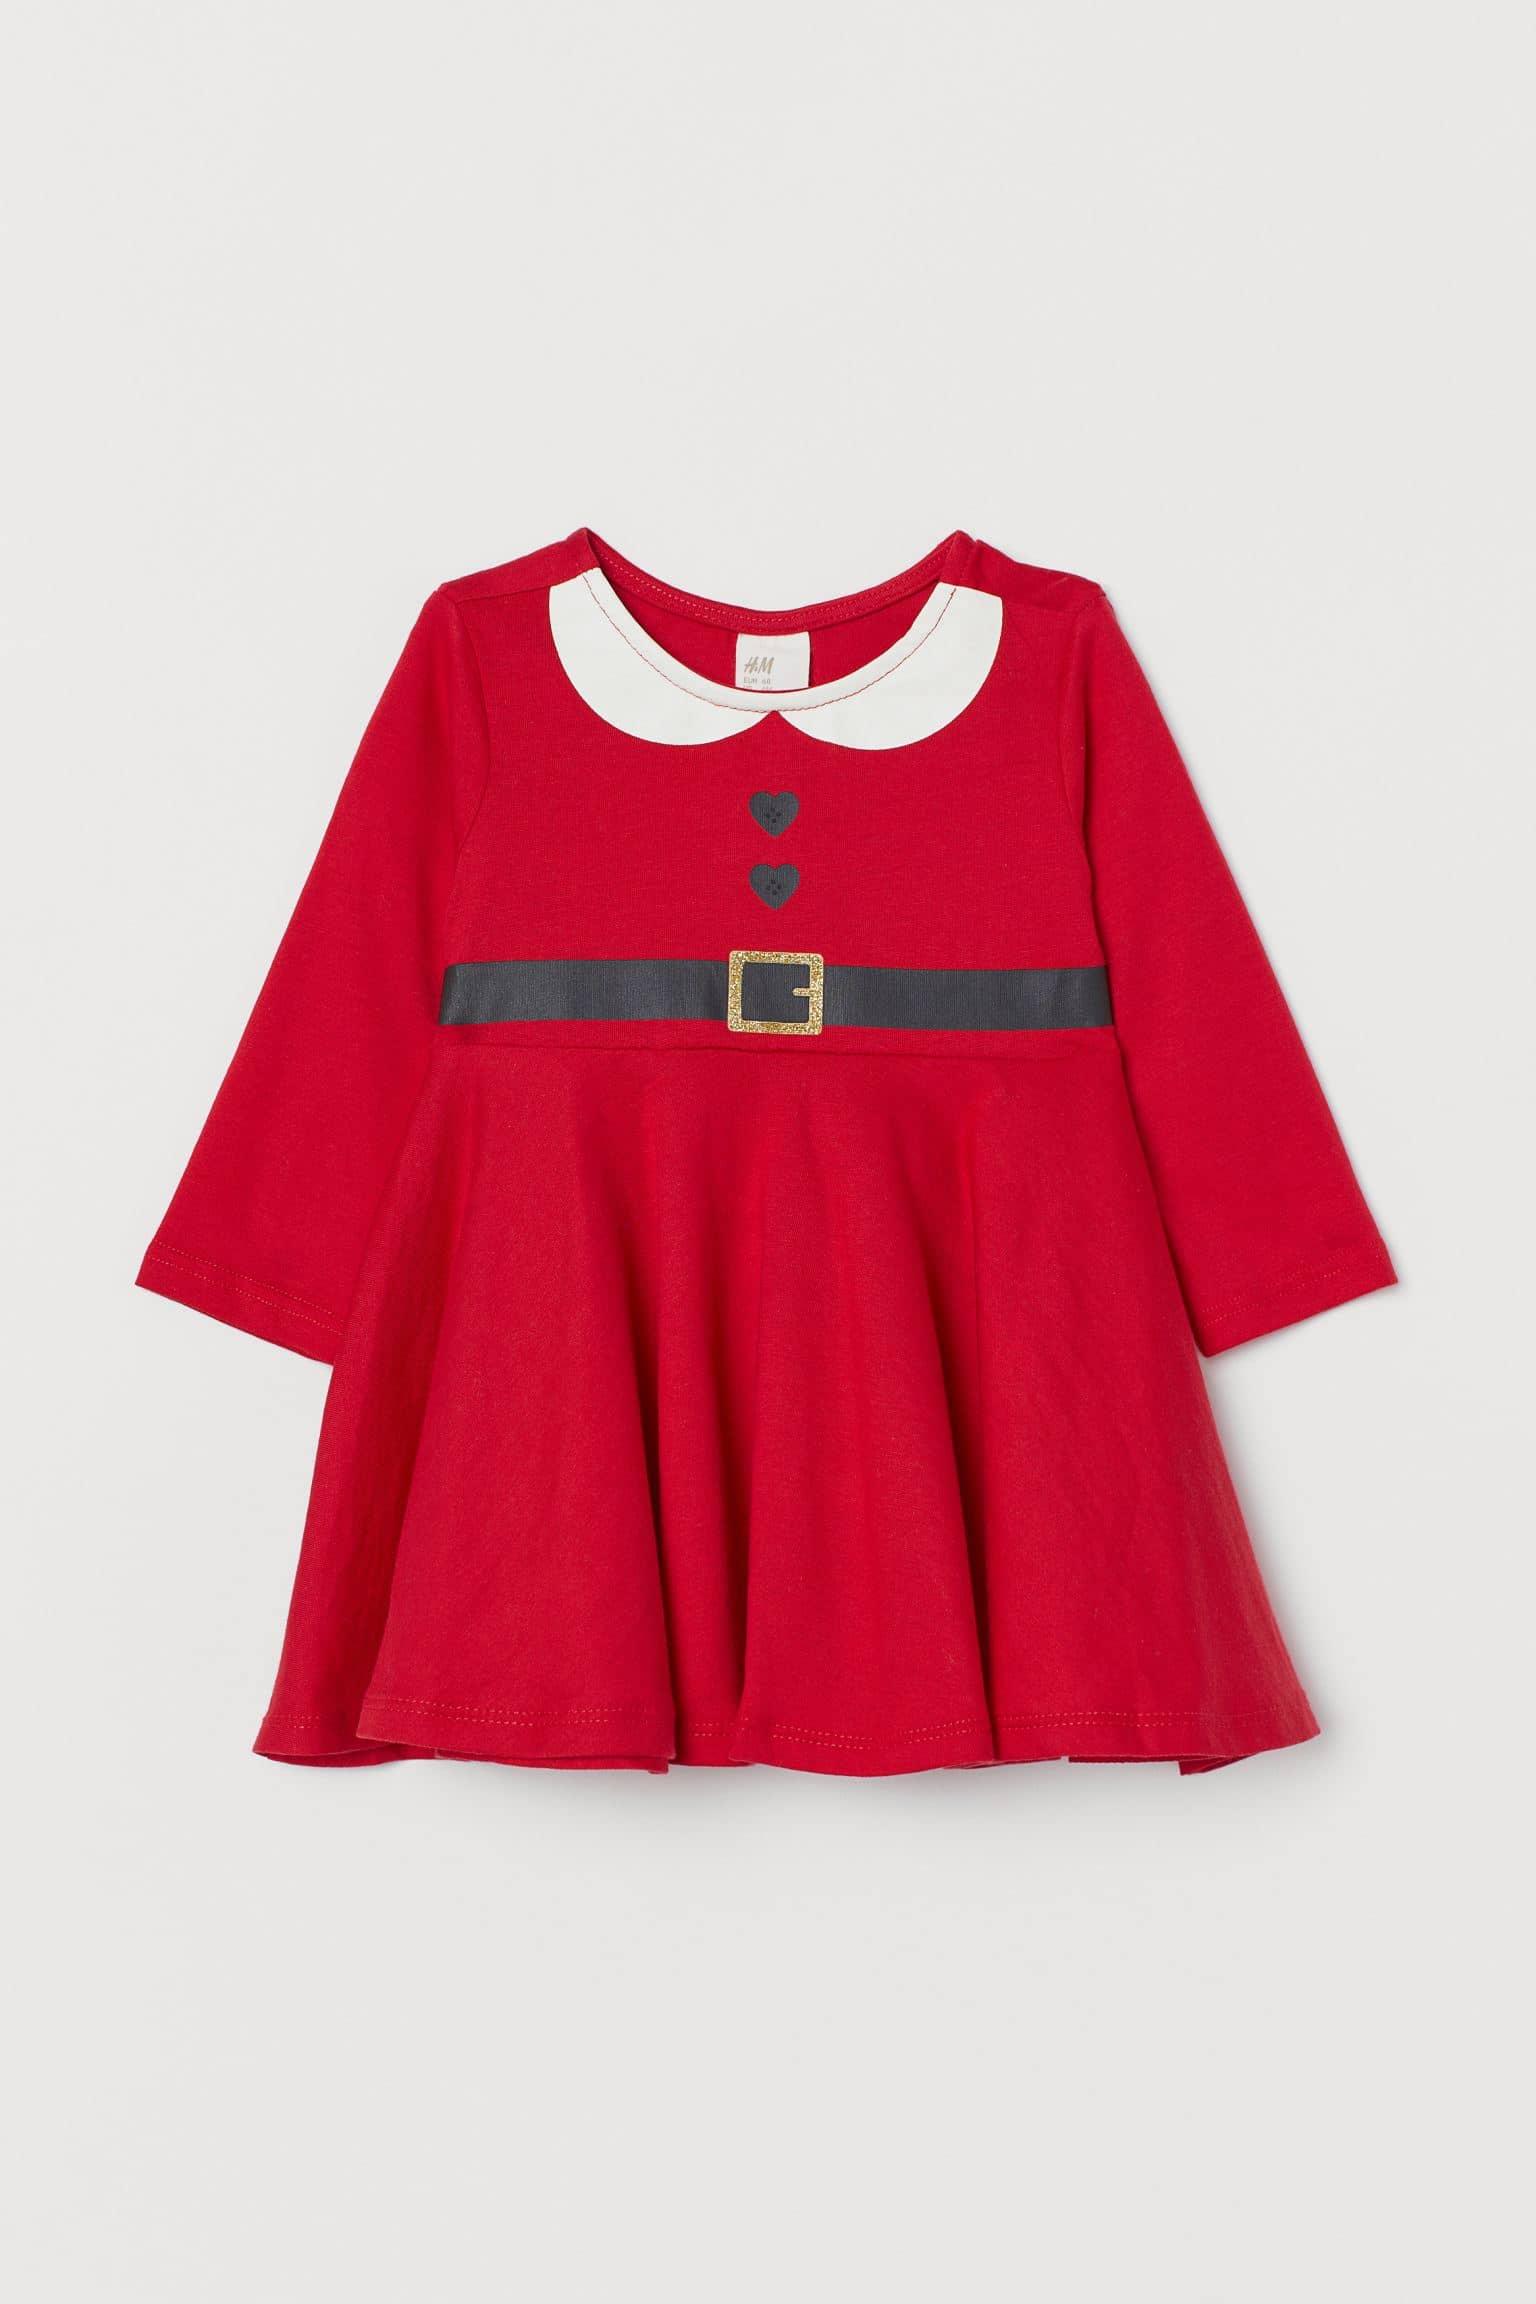 H&M Cotton Jersey Santa Dress